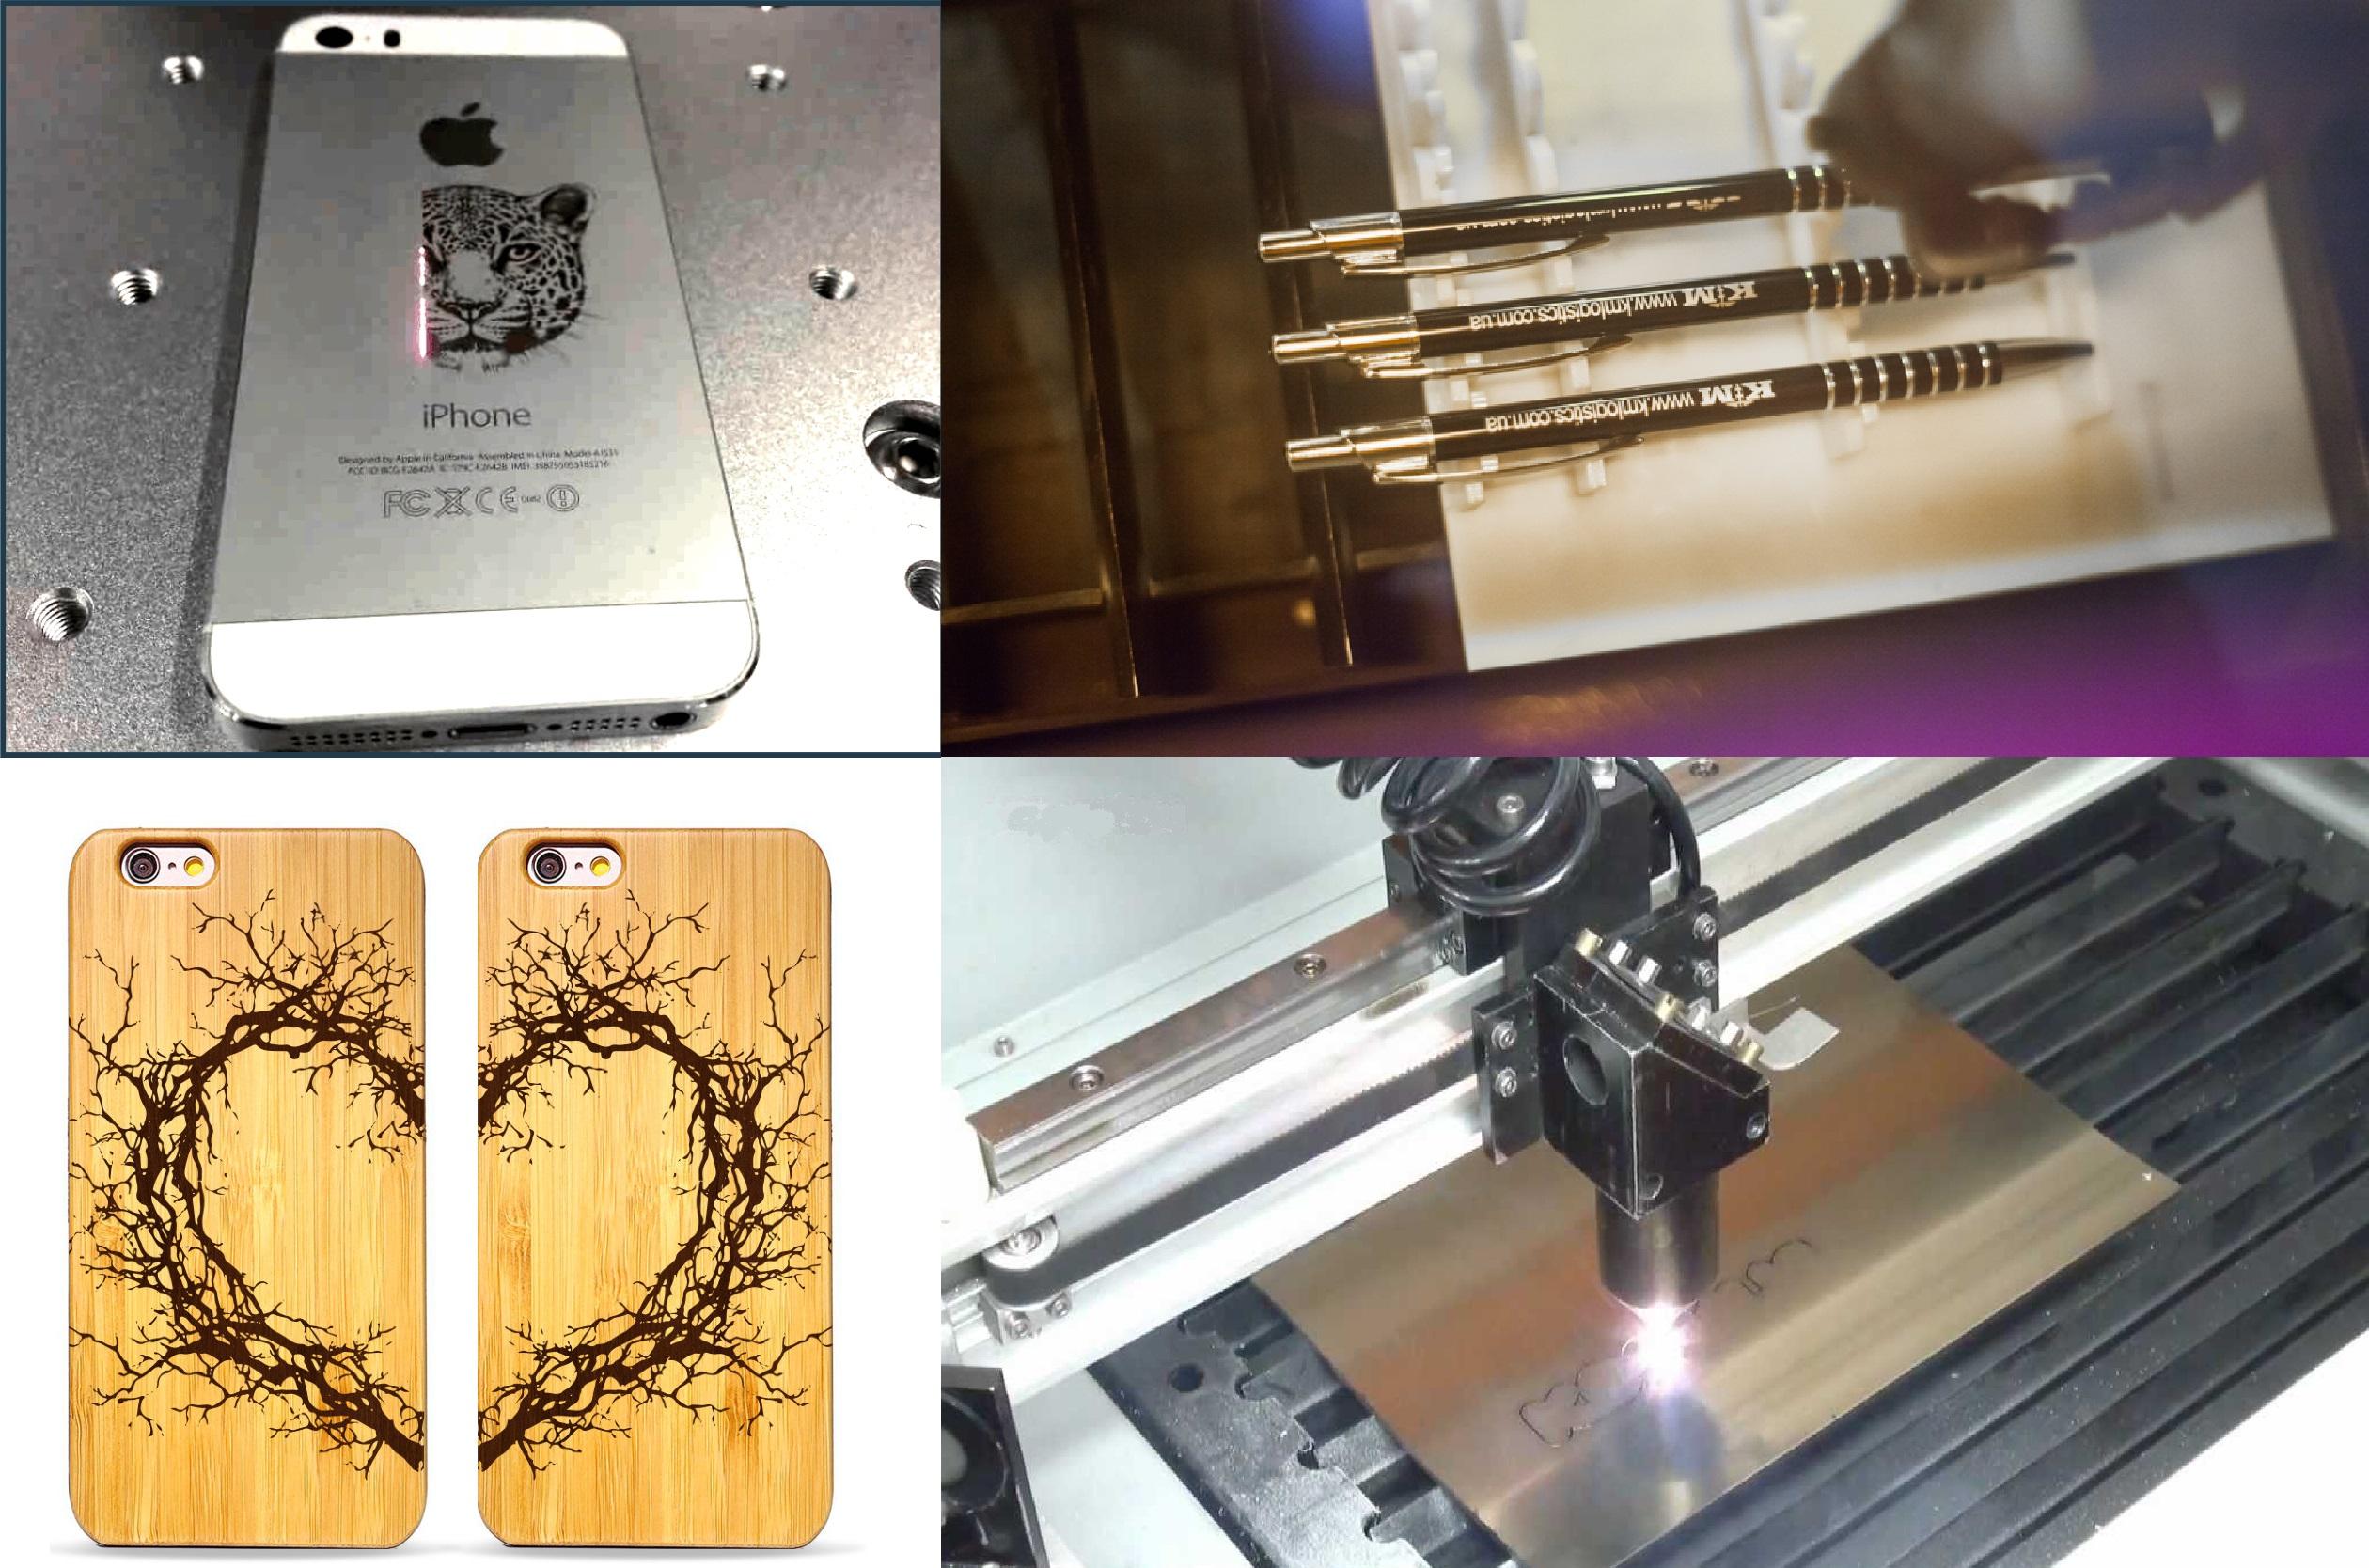 Лазерный гравер по дереву: мини-аппарат для гравировки дома, настольные модели, с чпу и другие